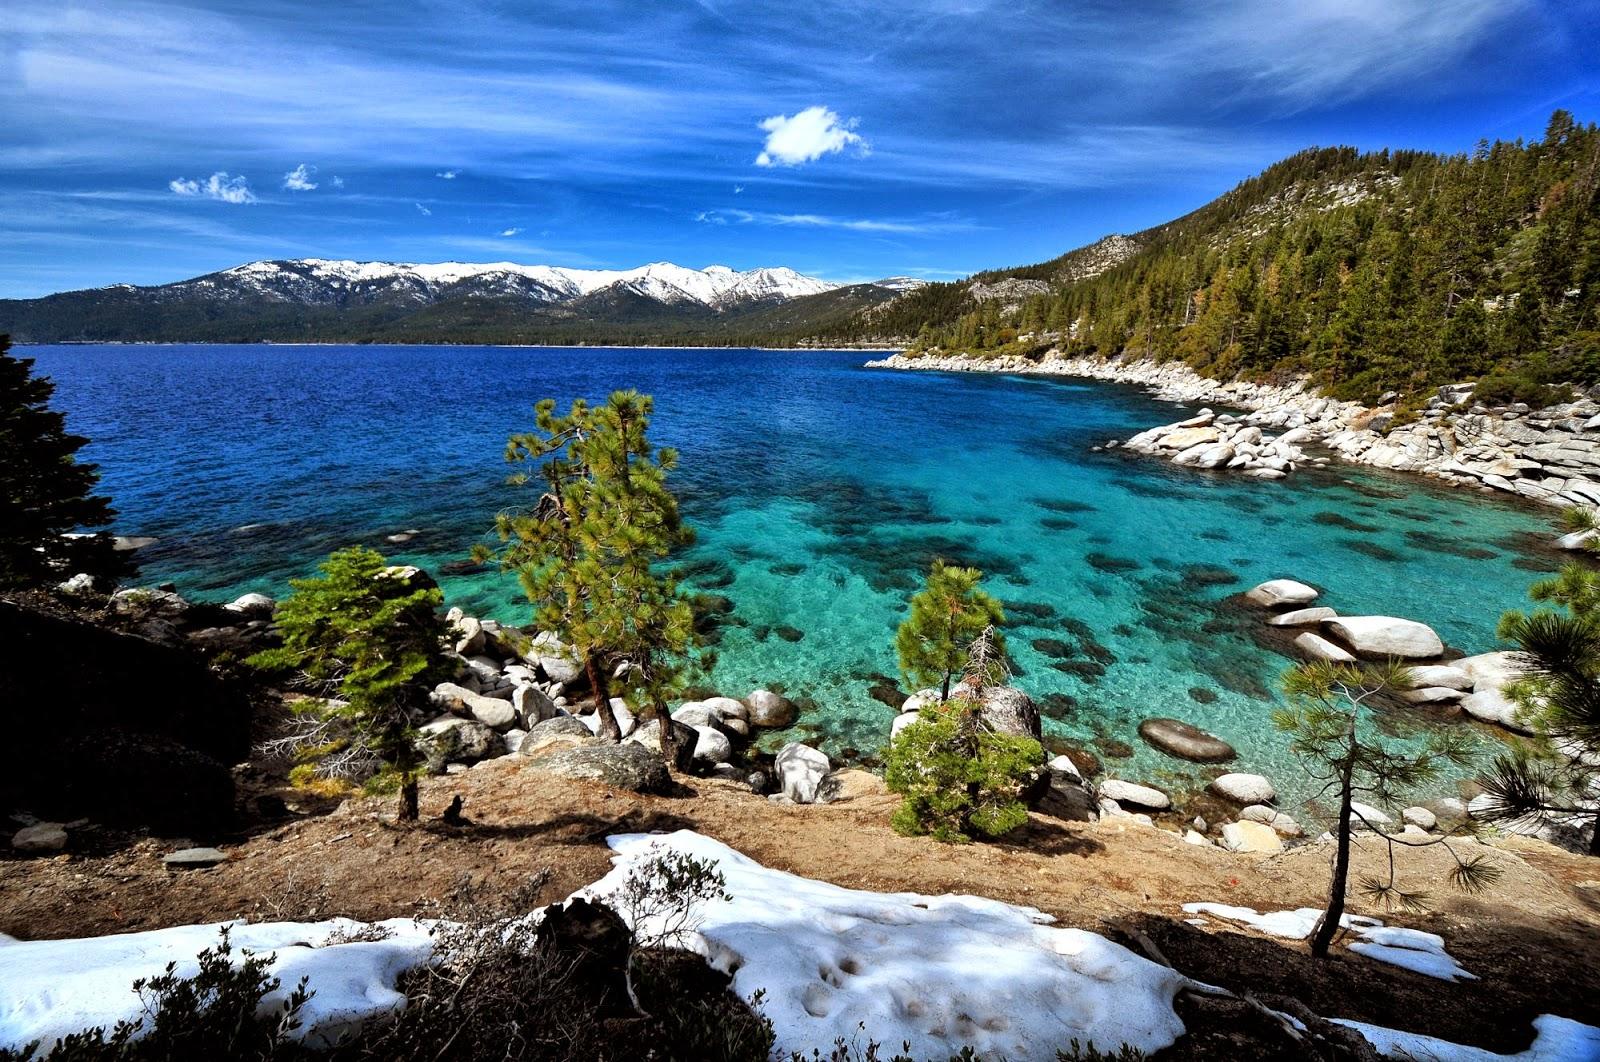 Lake tahoe california nevada hd wallpapers top hd wallpapers - Nevada wallpaper hd ...